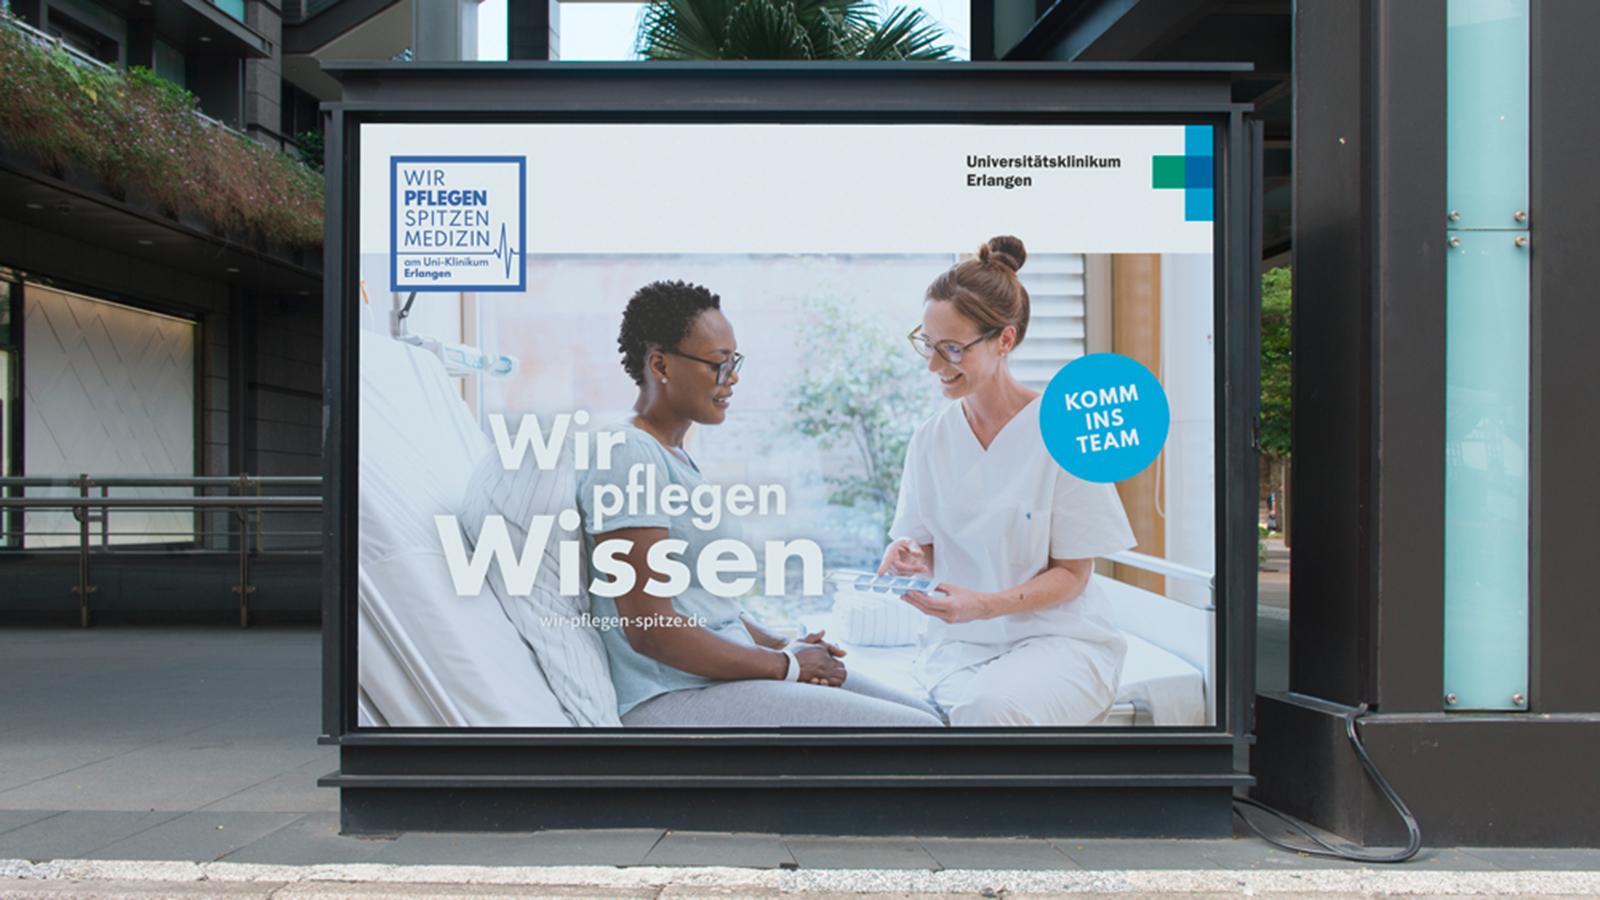 Unklinikum Erlangen - Plakat